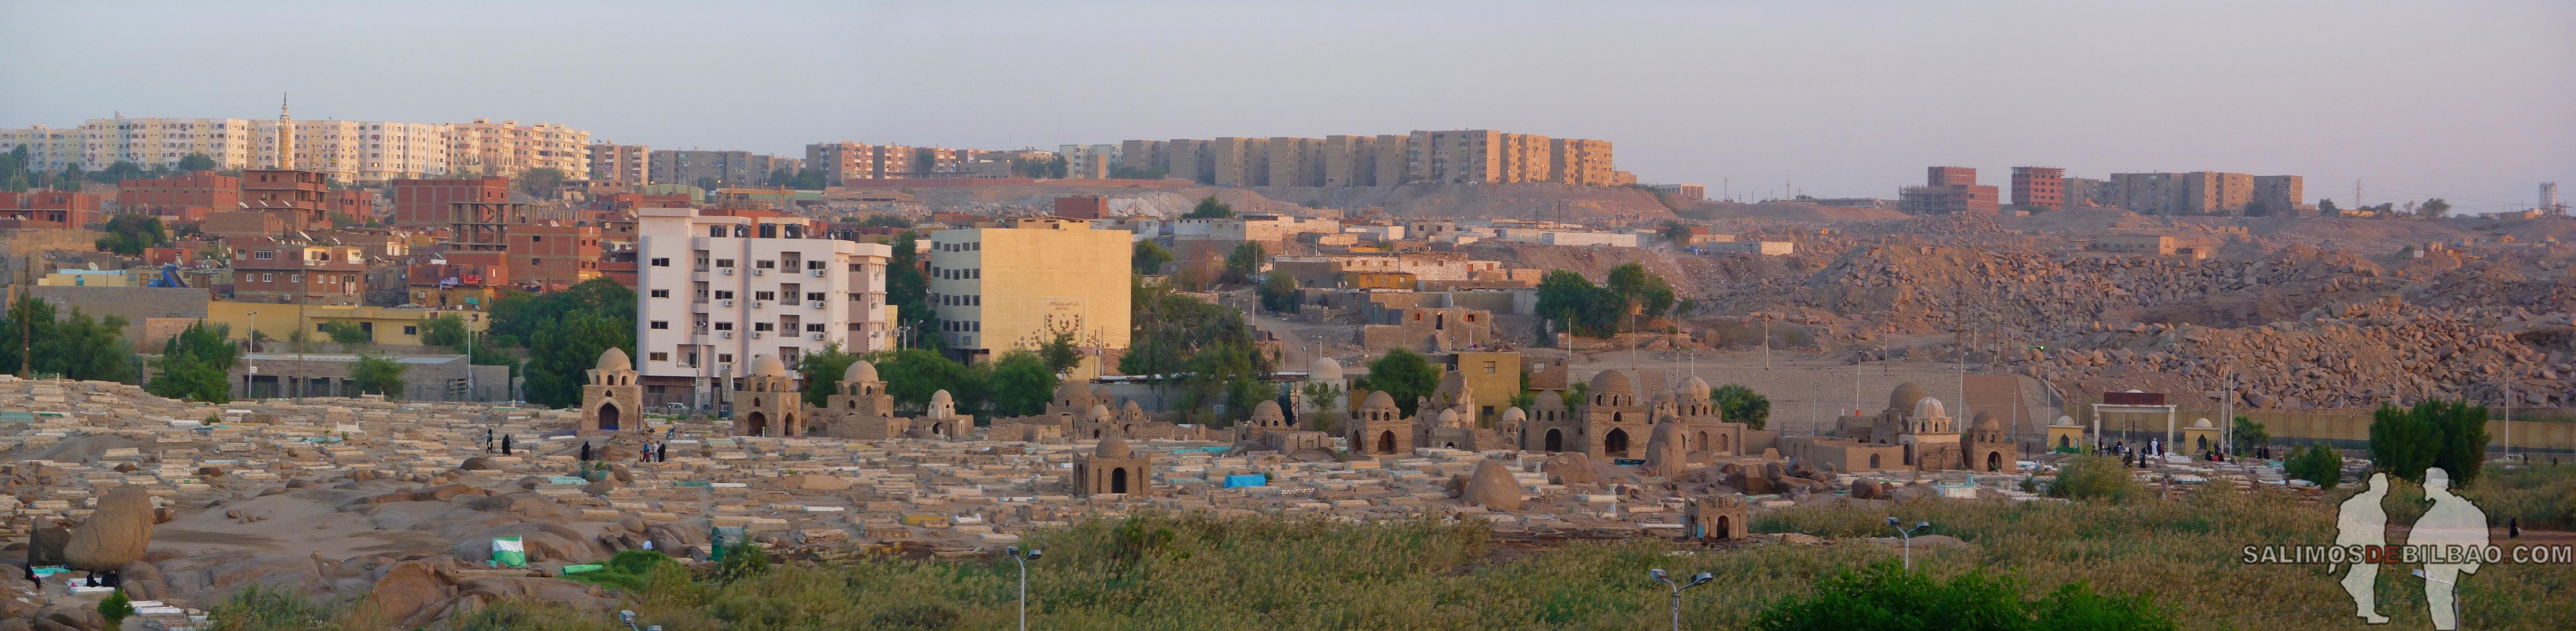 0539. Pano, Cementerio de Aswan